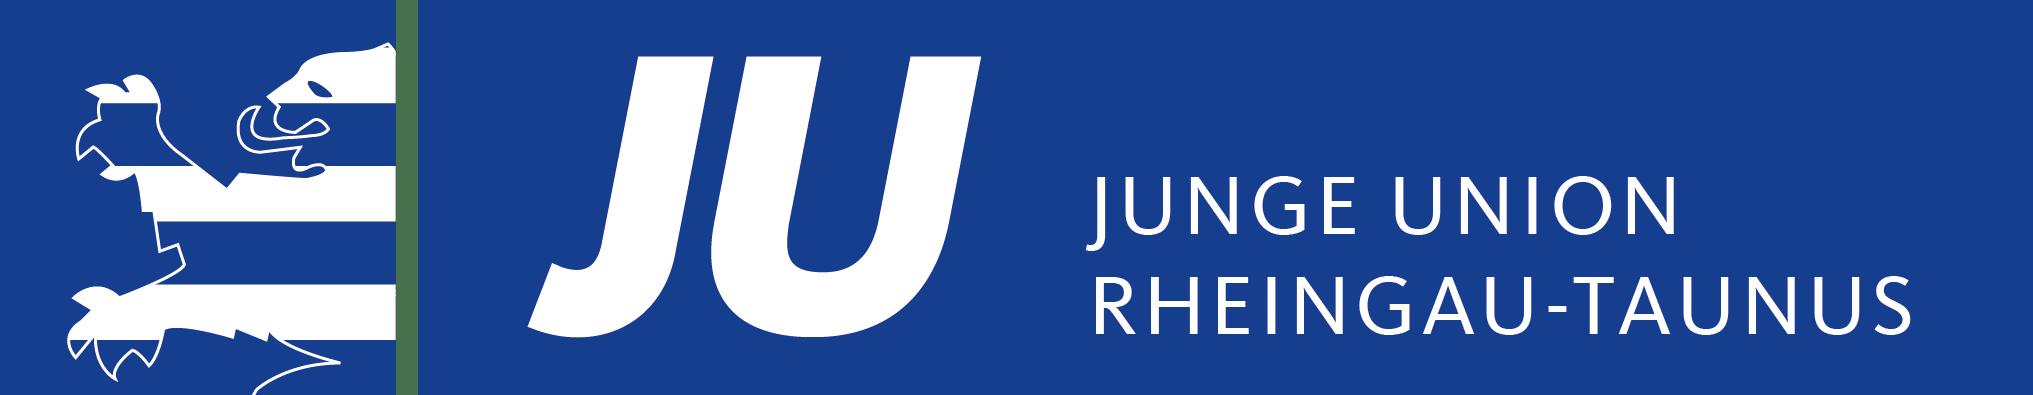 Logo von Junge Union Rheingau-Taunus